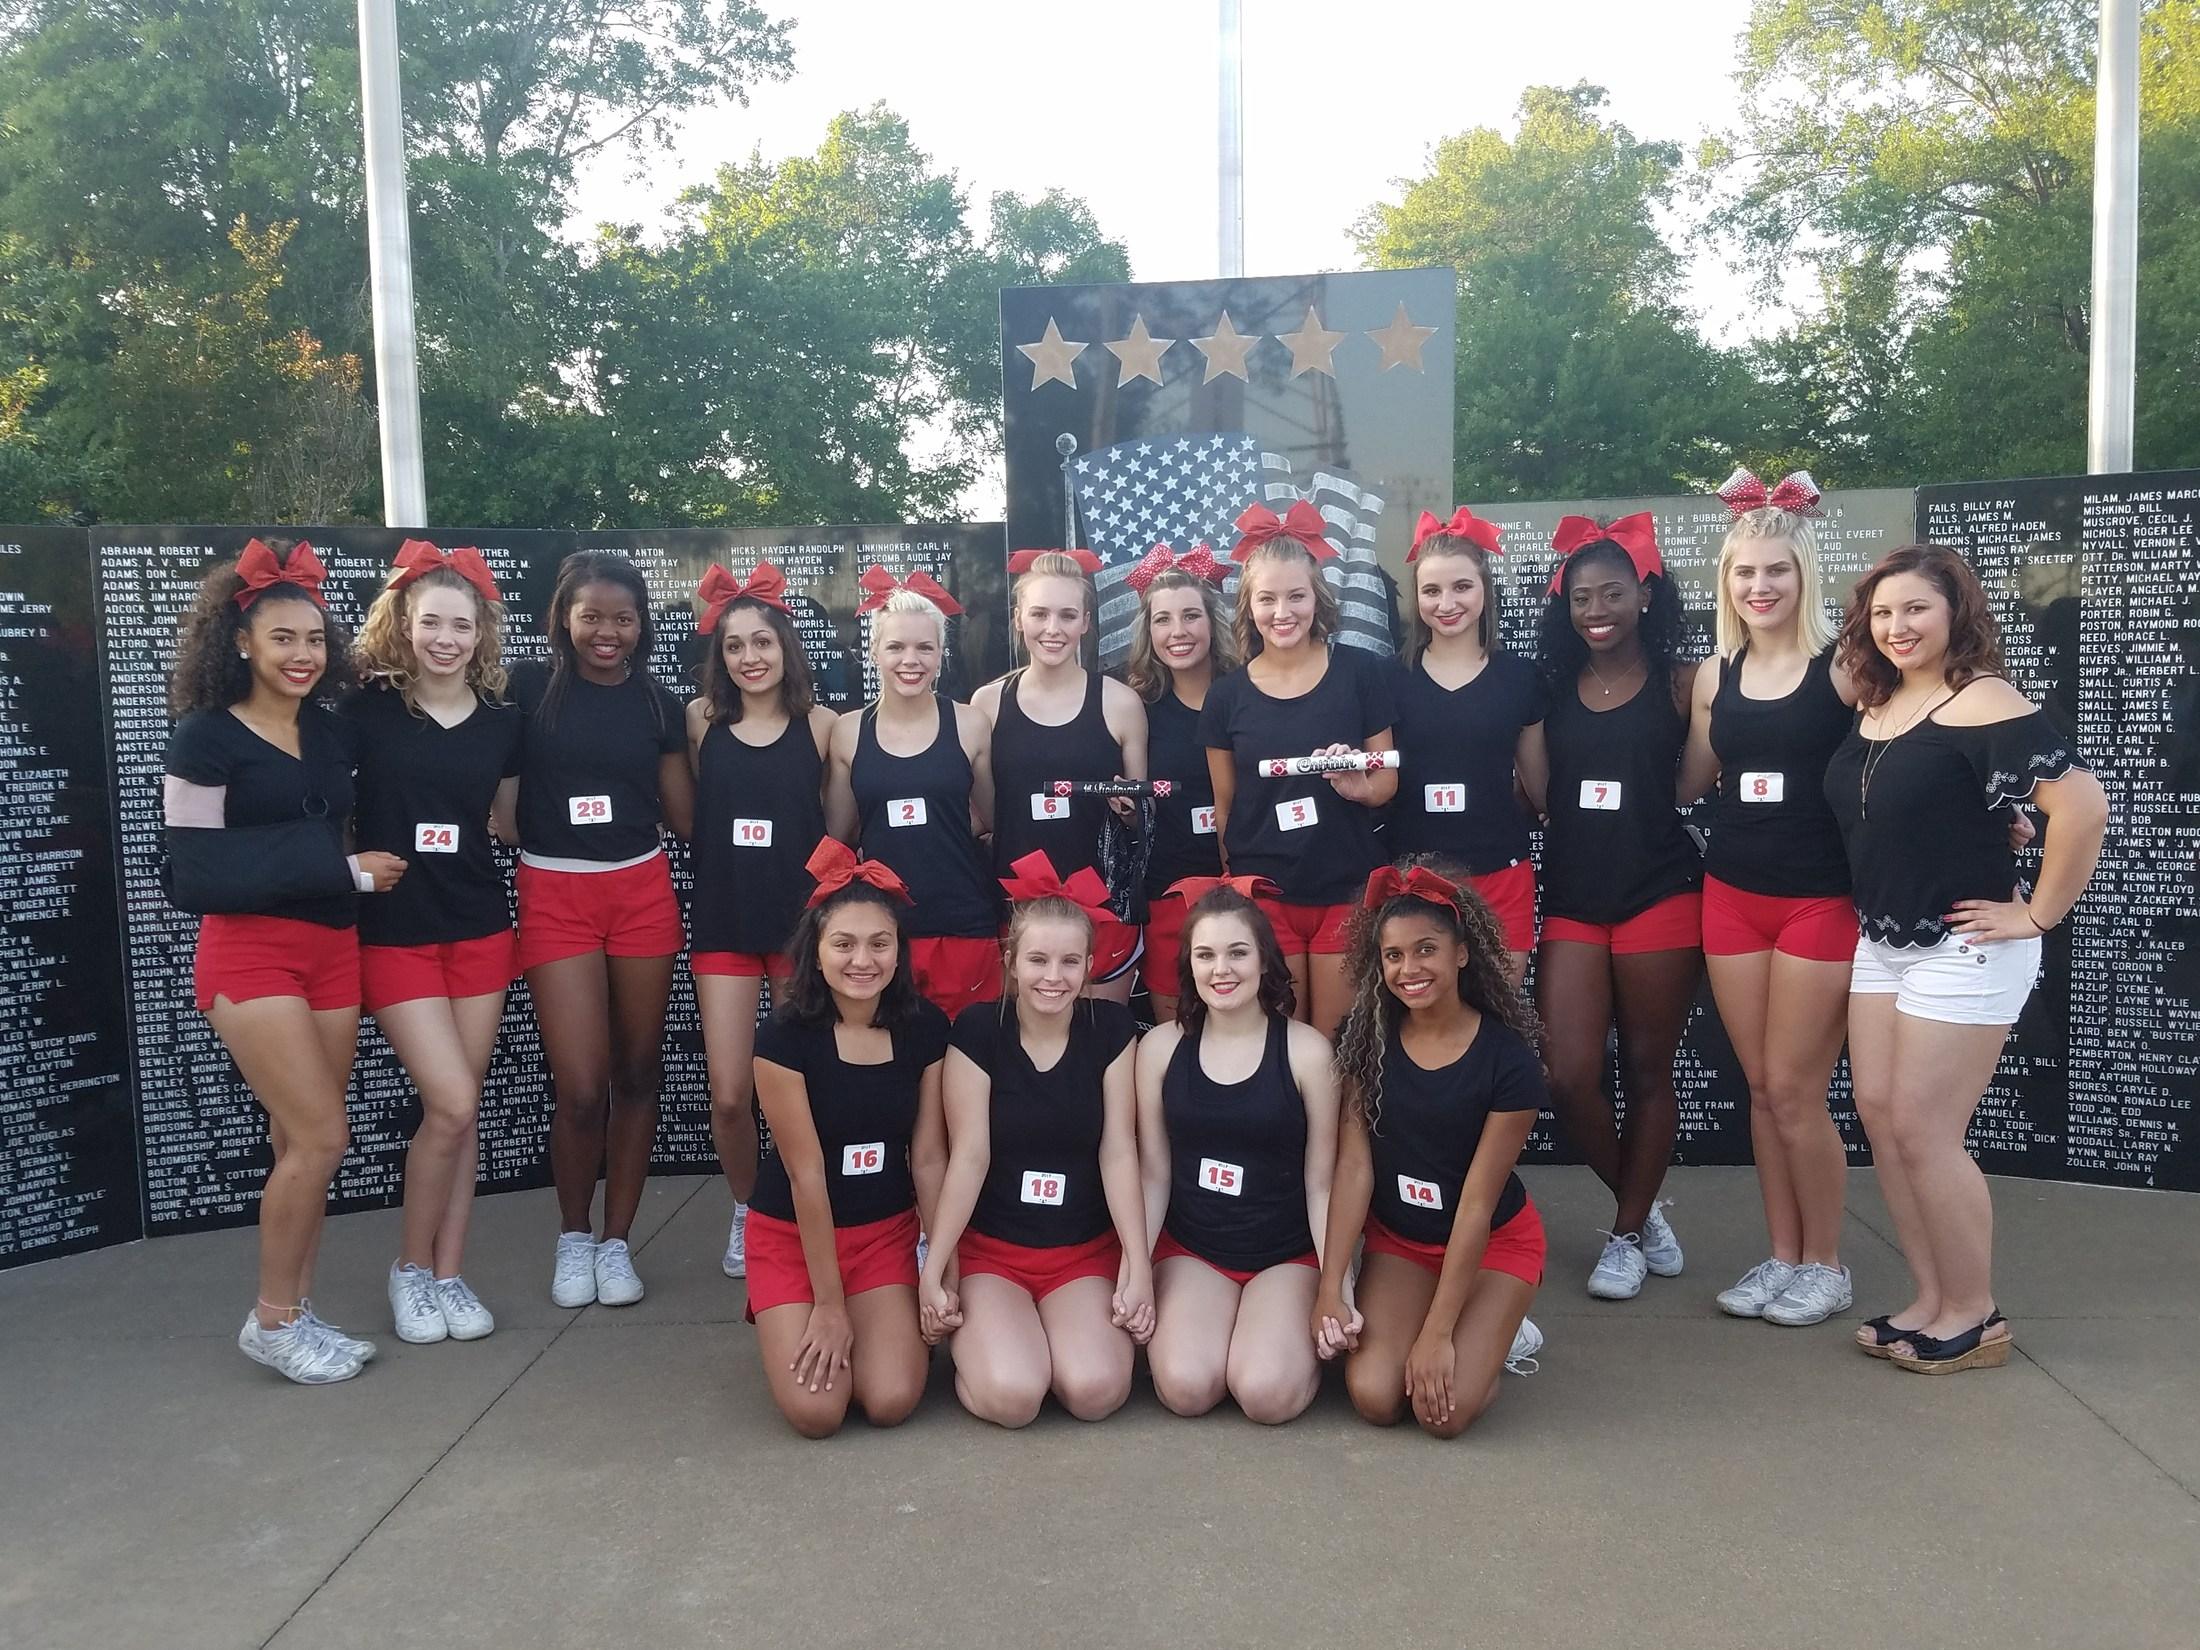 Khs Cheerleaders Cheerleaders Kilgore High School